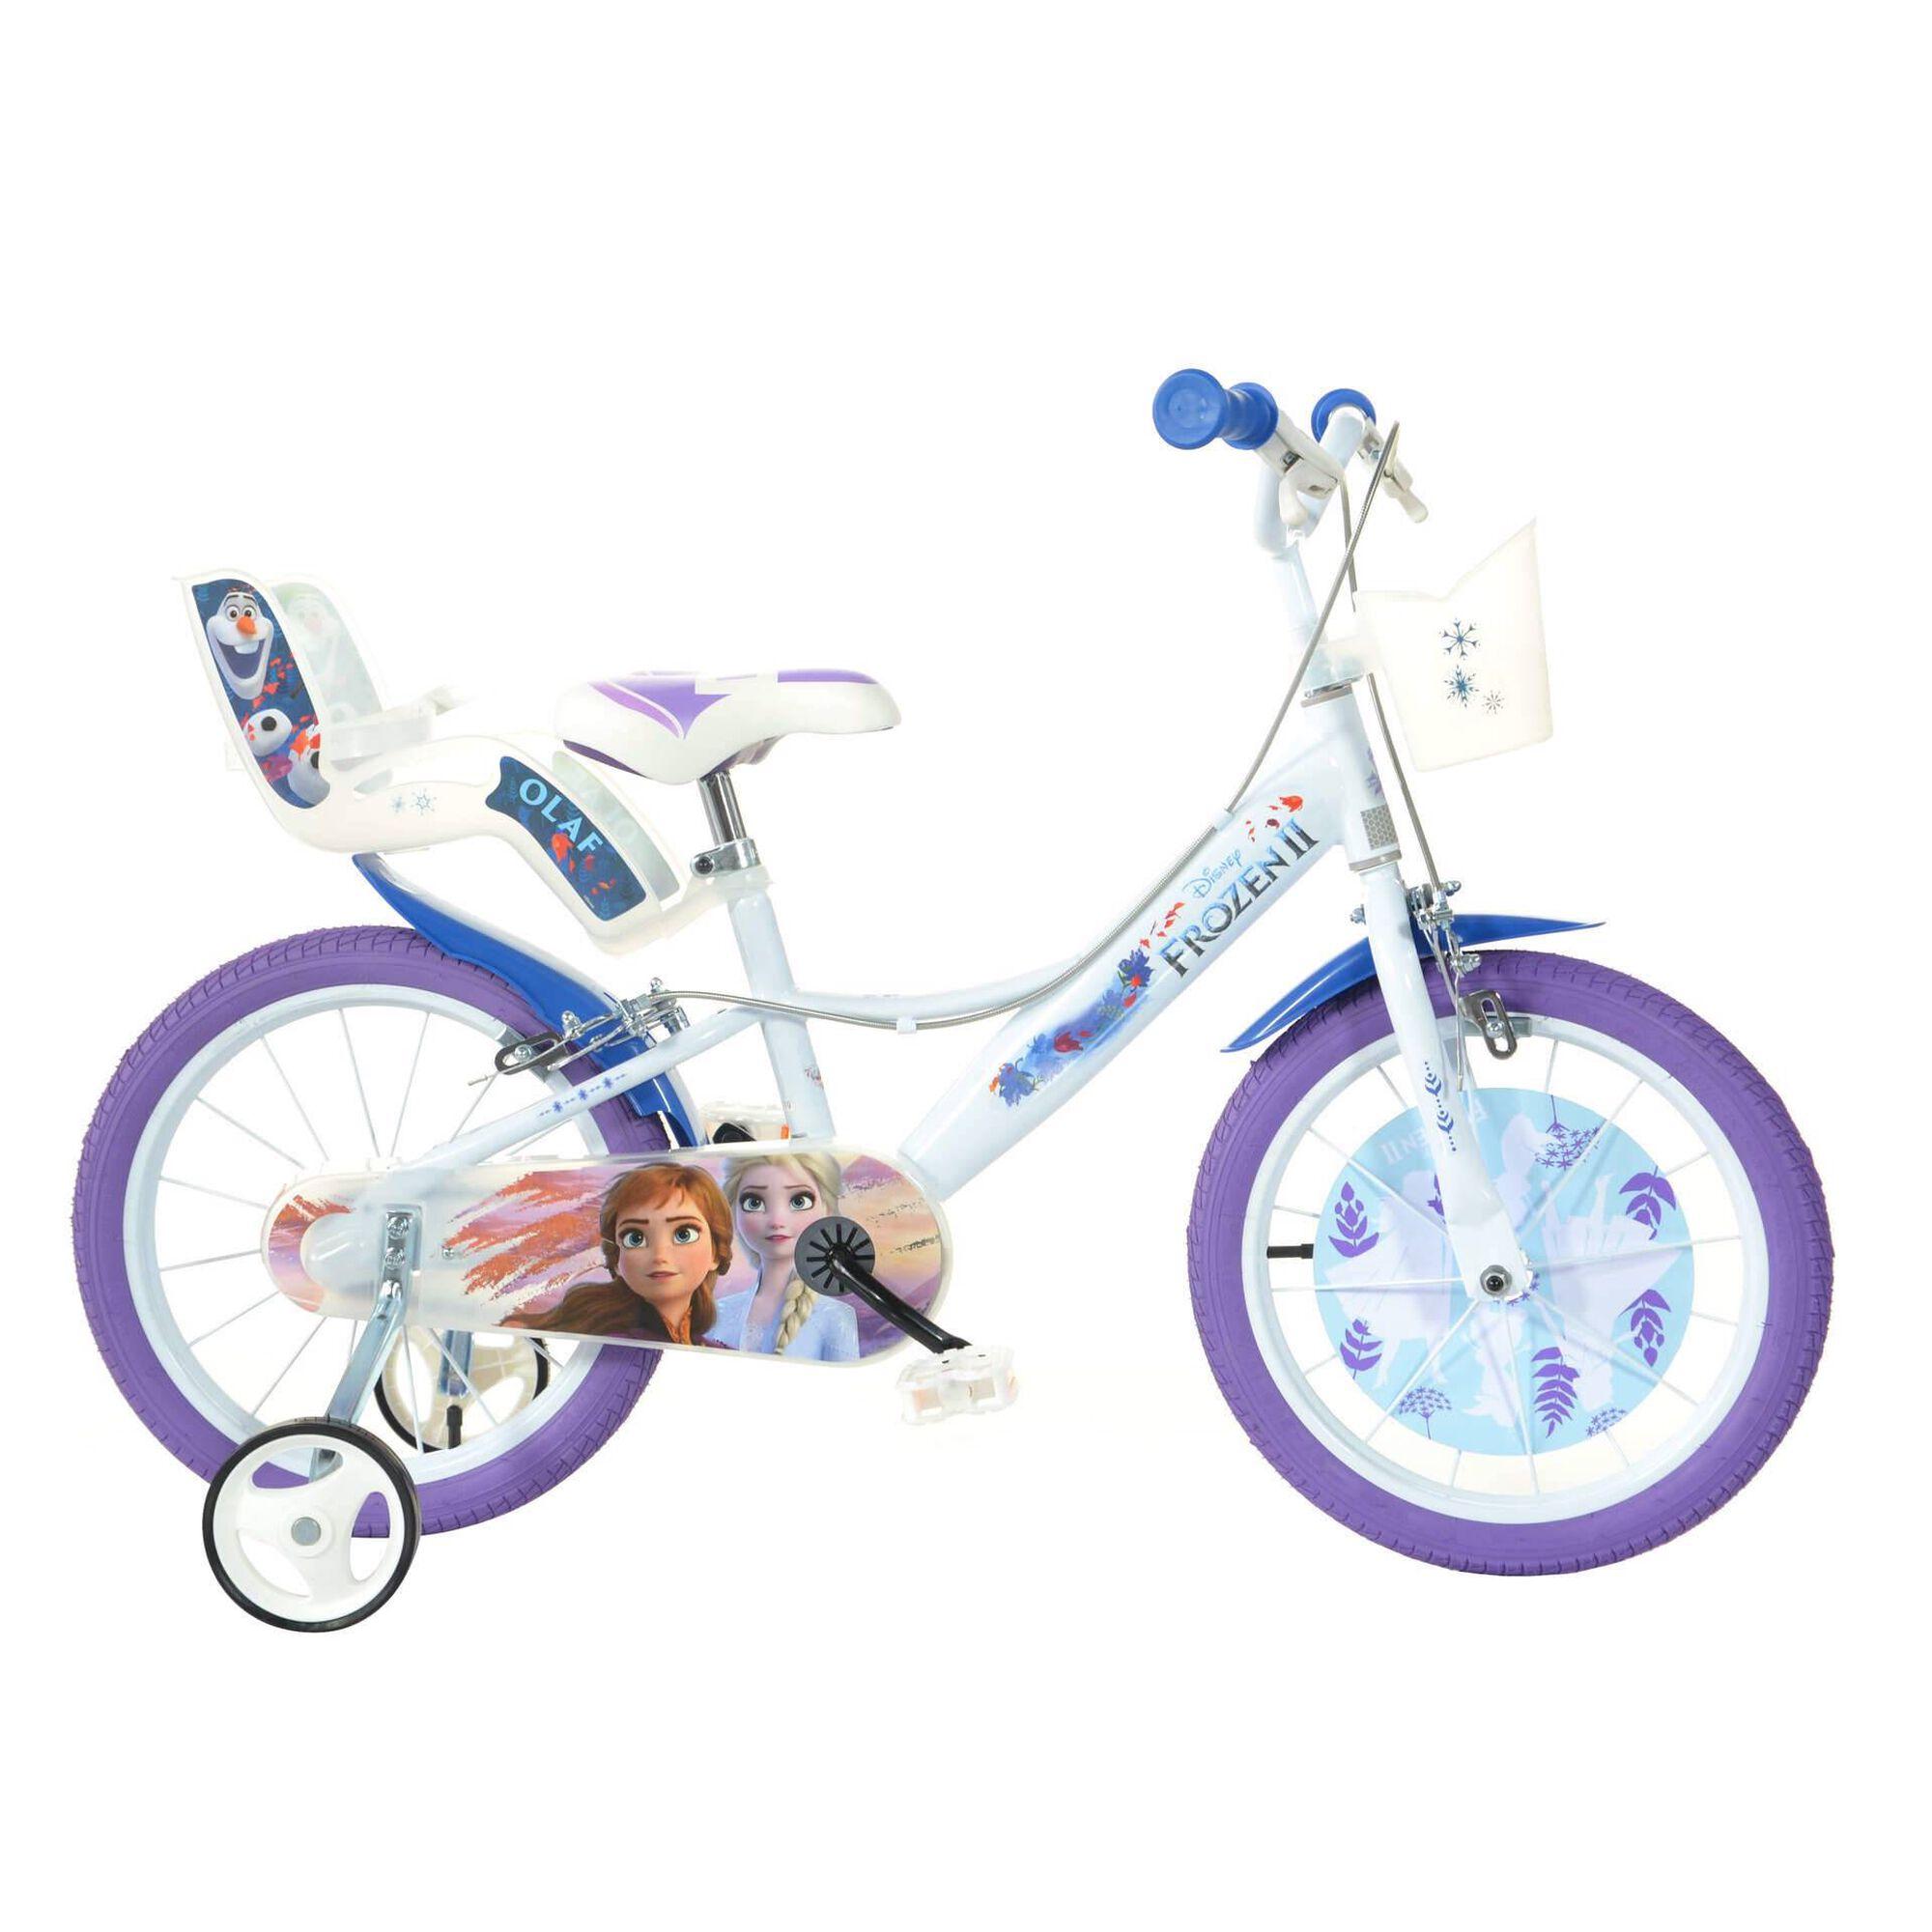 Bicicleta Criança Roda 16'' 5-7 Anos